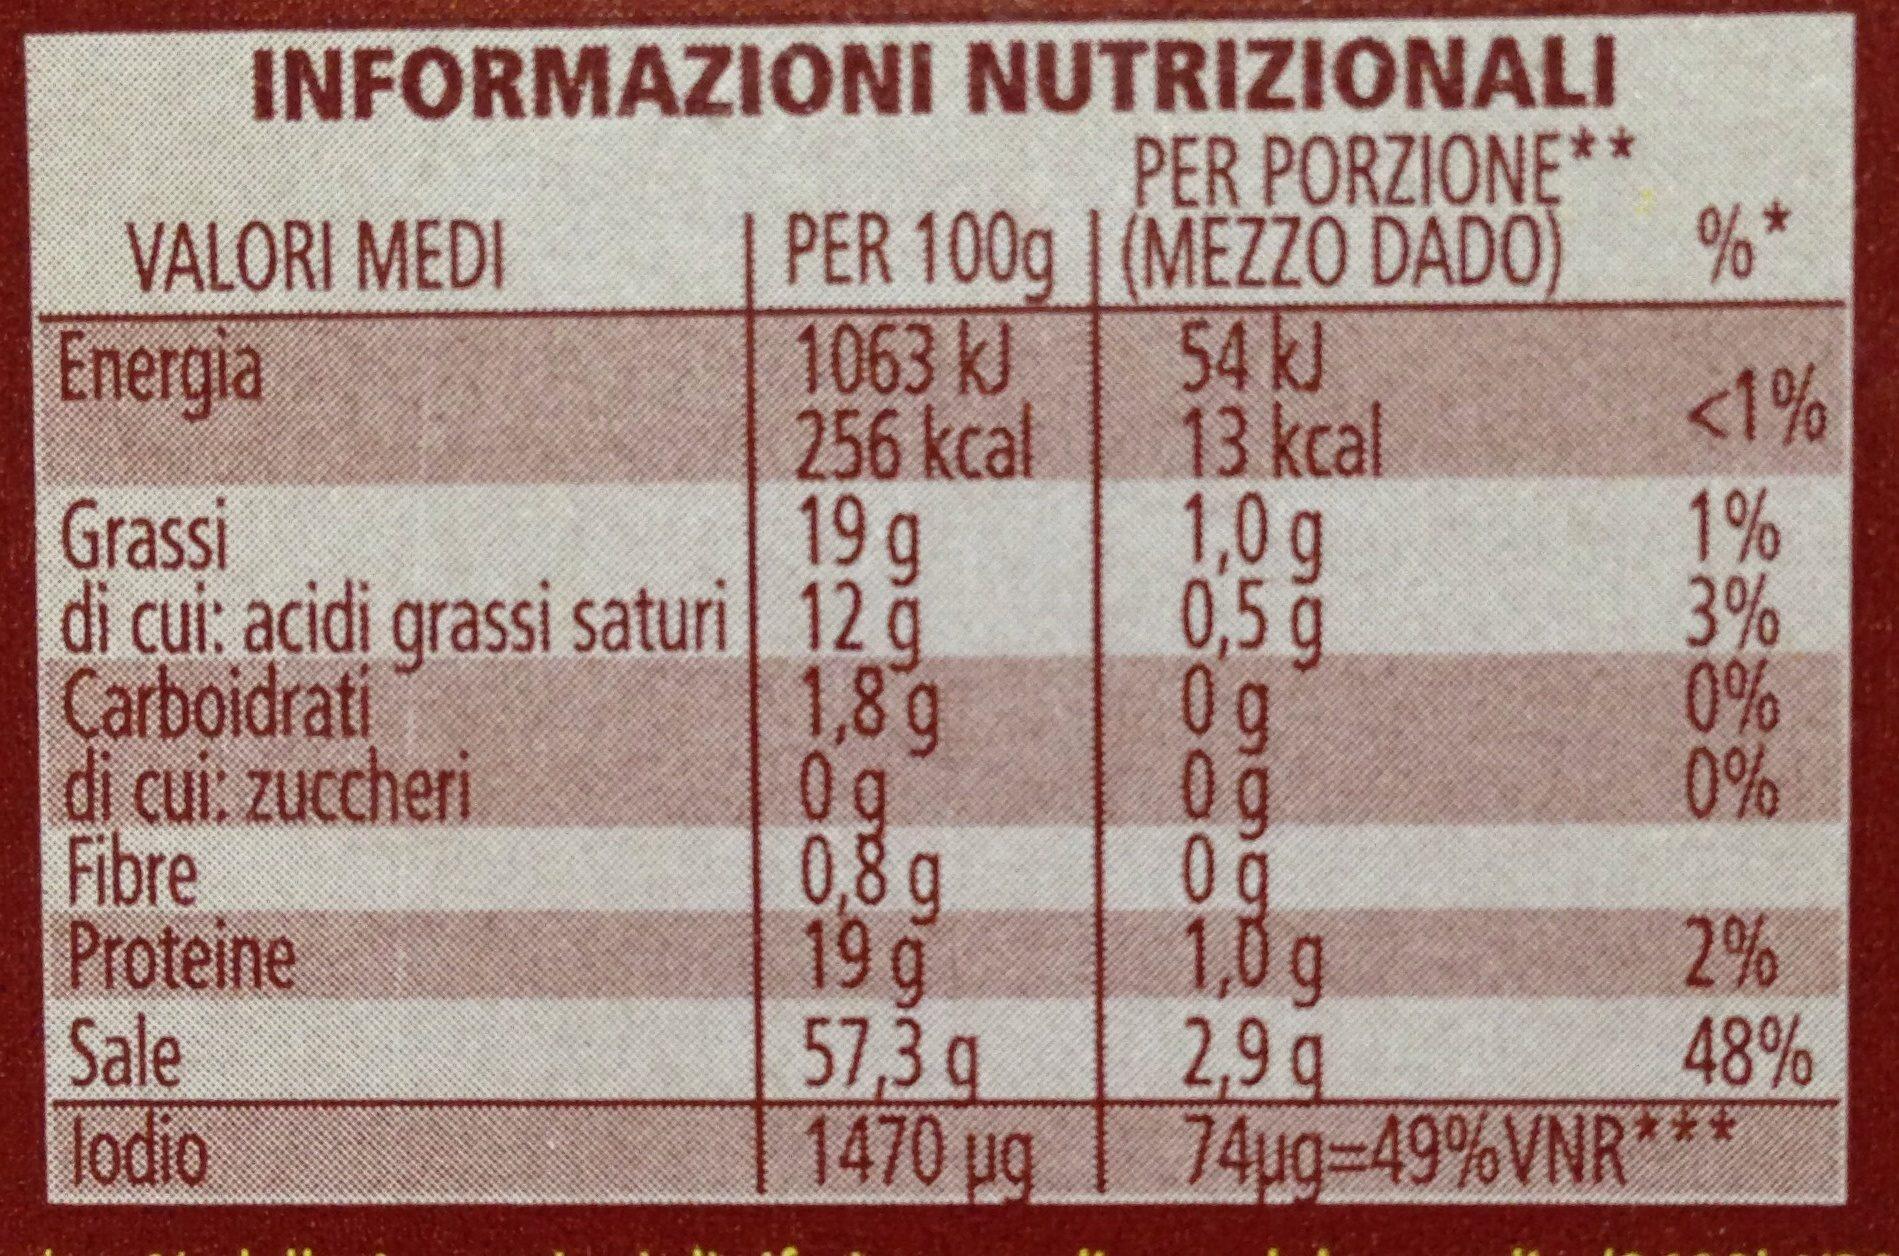 Star, il mio dado funghi porcini - Valori nutrizionali - en